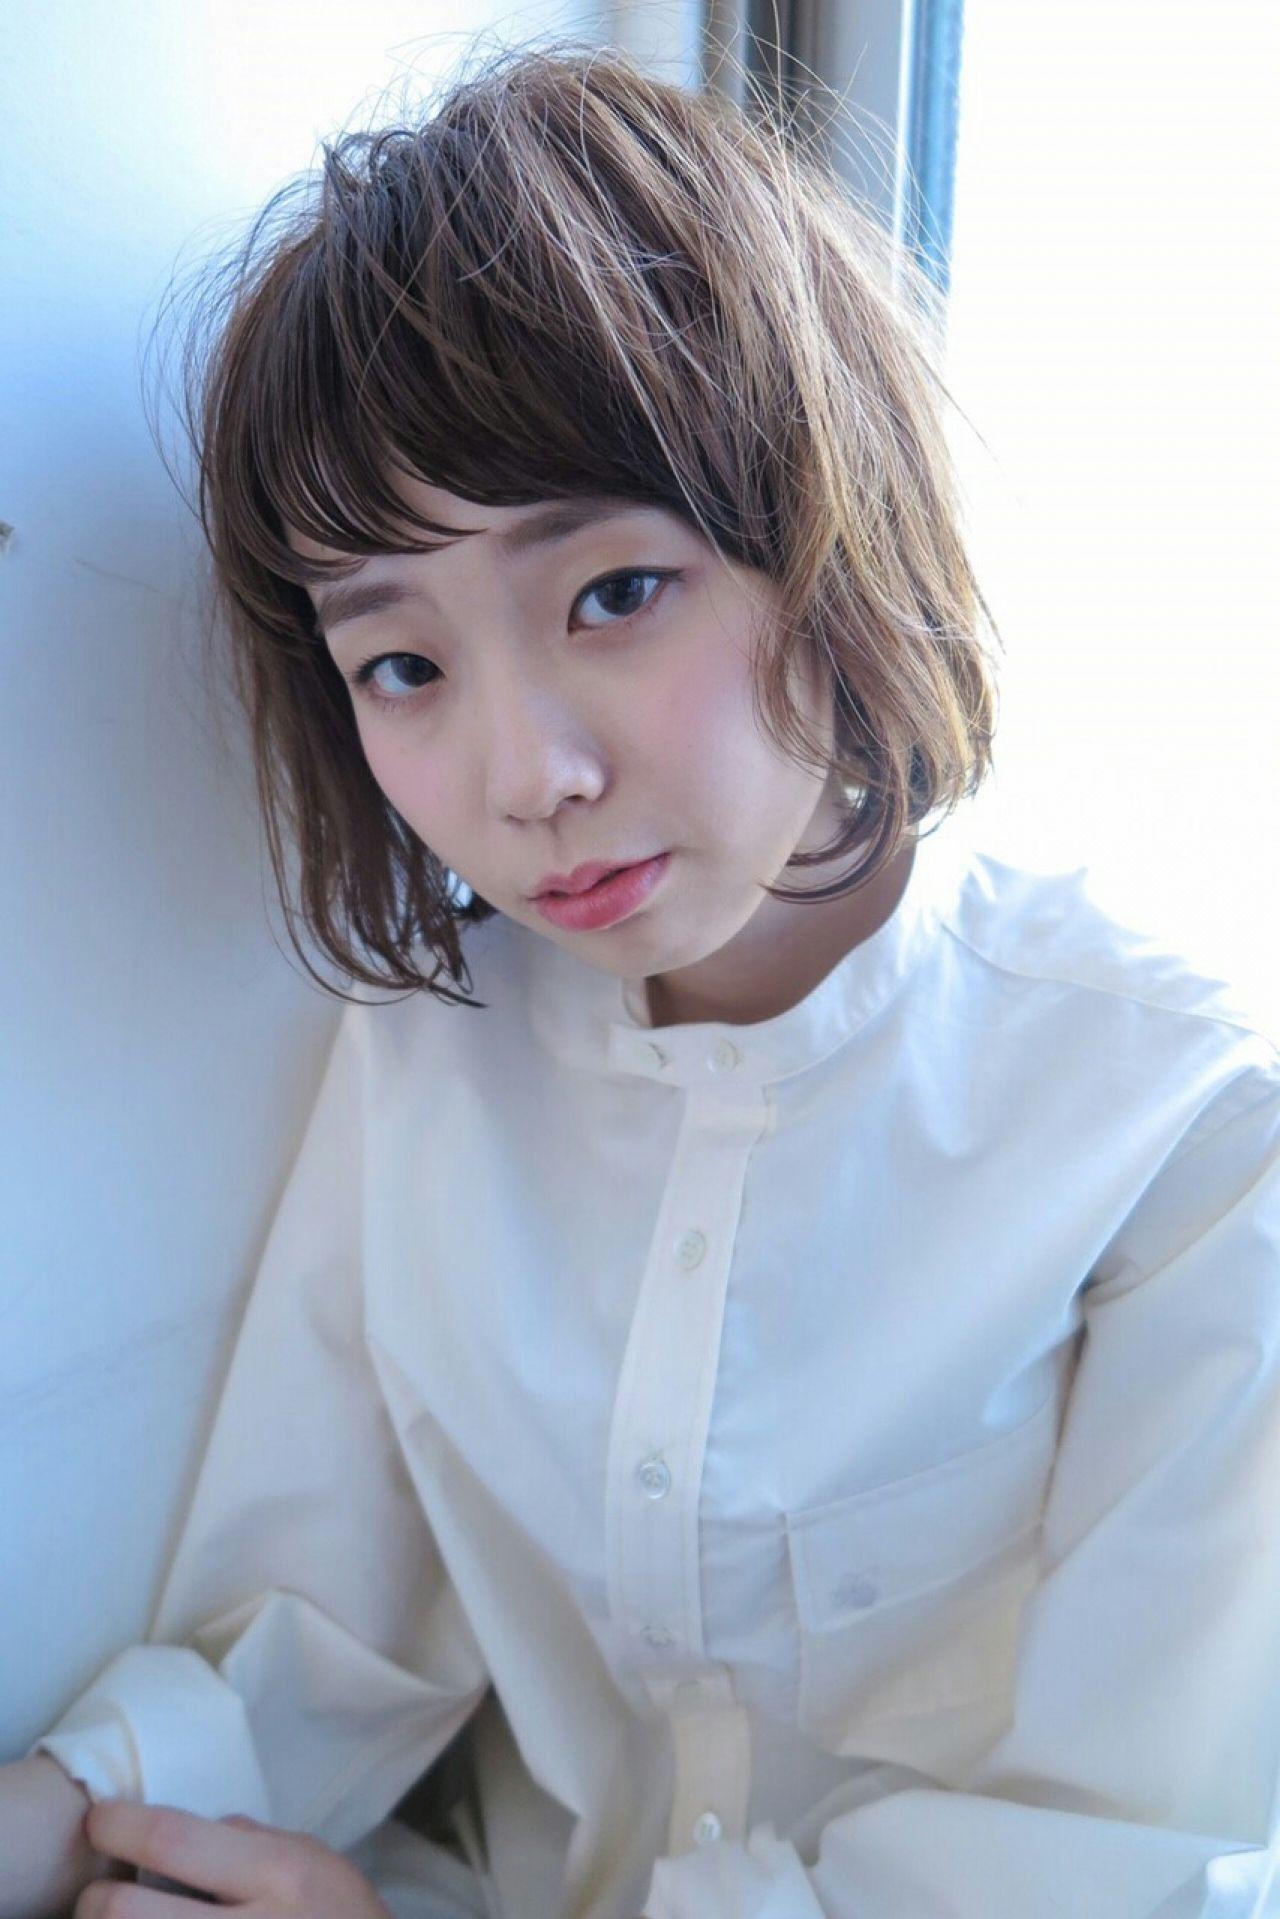 【似合う髪型診断】顔の形に似合うヘアスタイルって知ってる? 杉本侑菜 (すぎもと ありな)